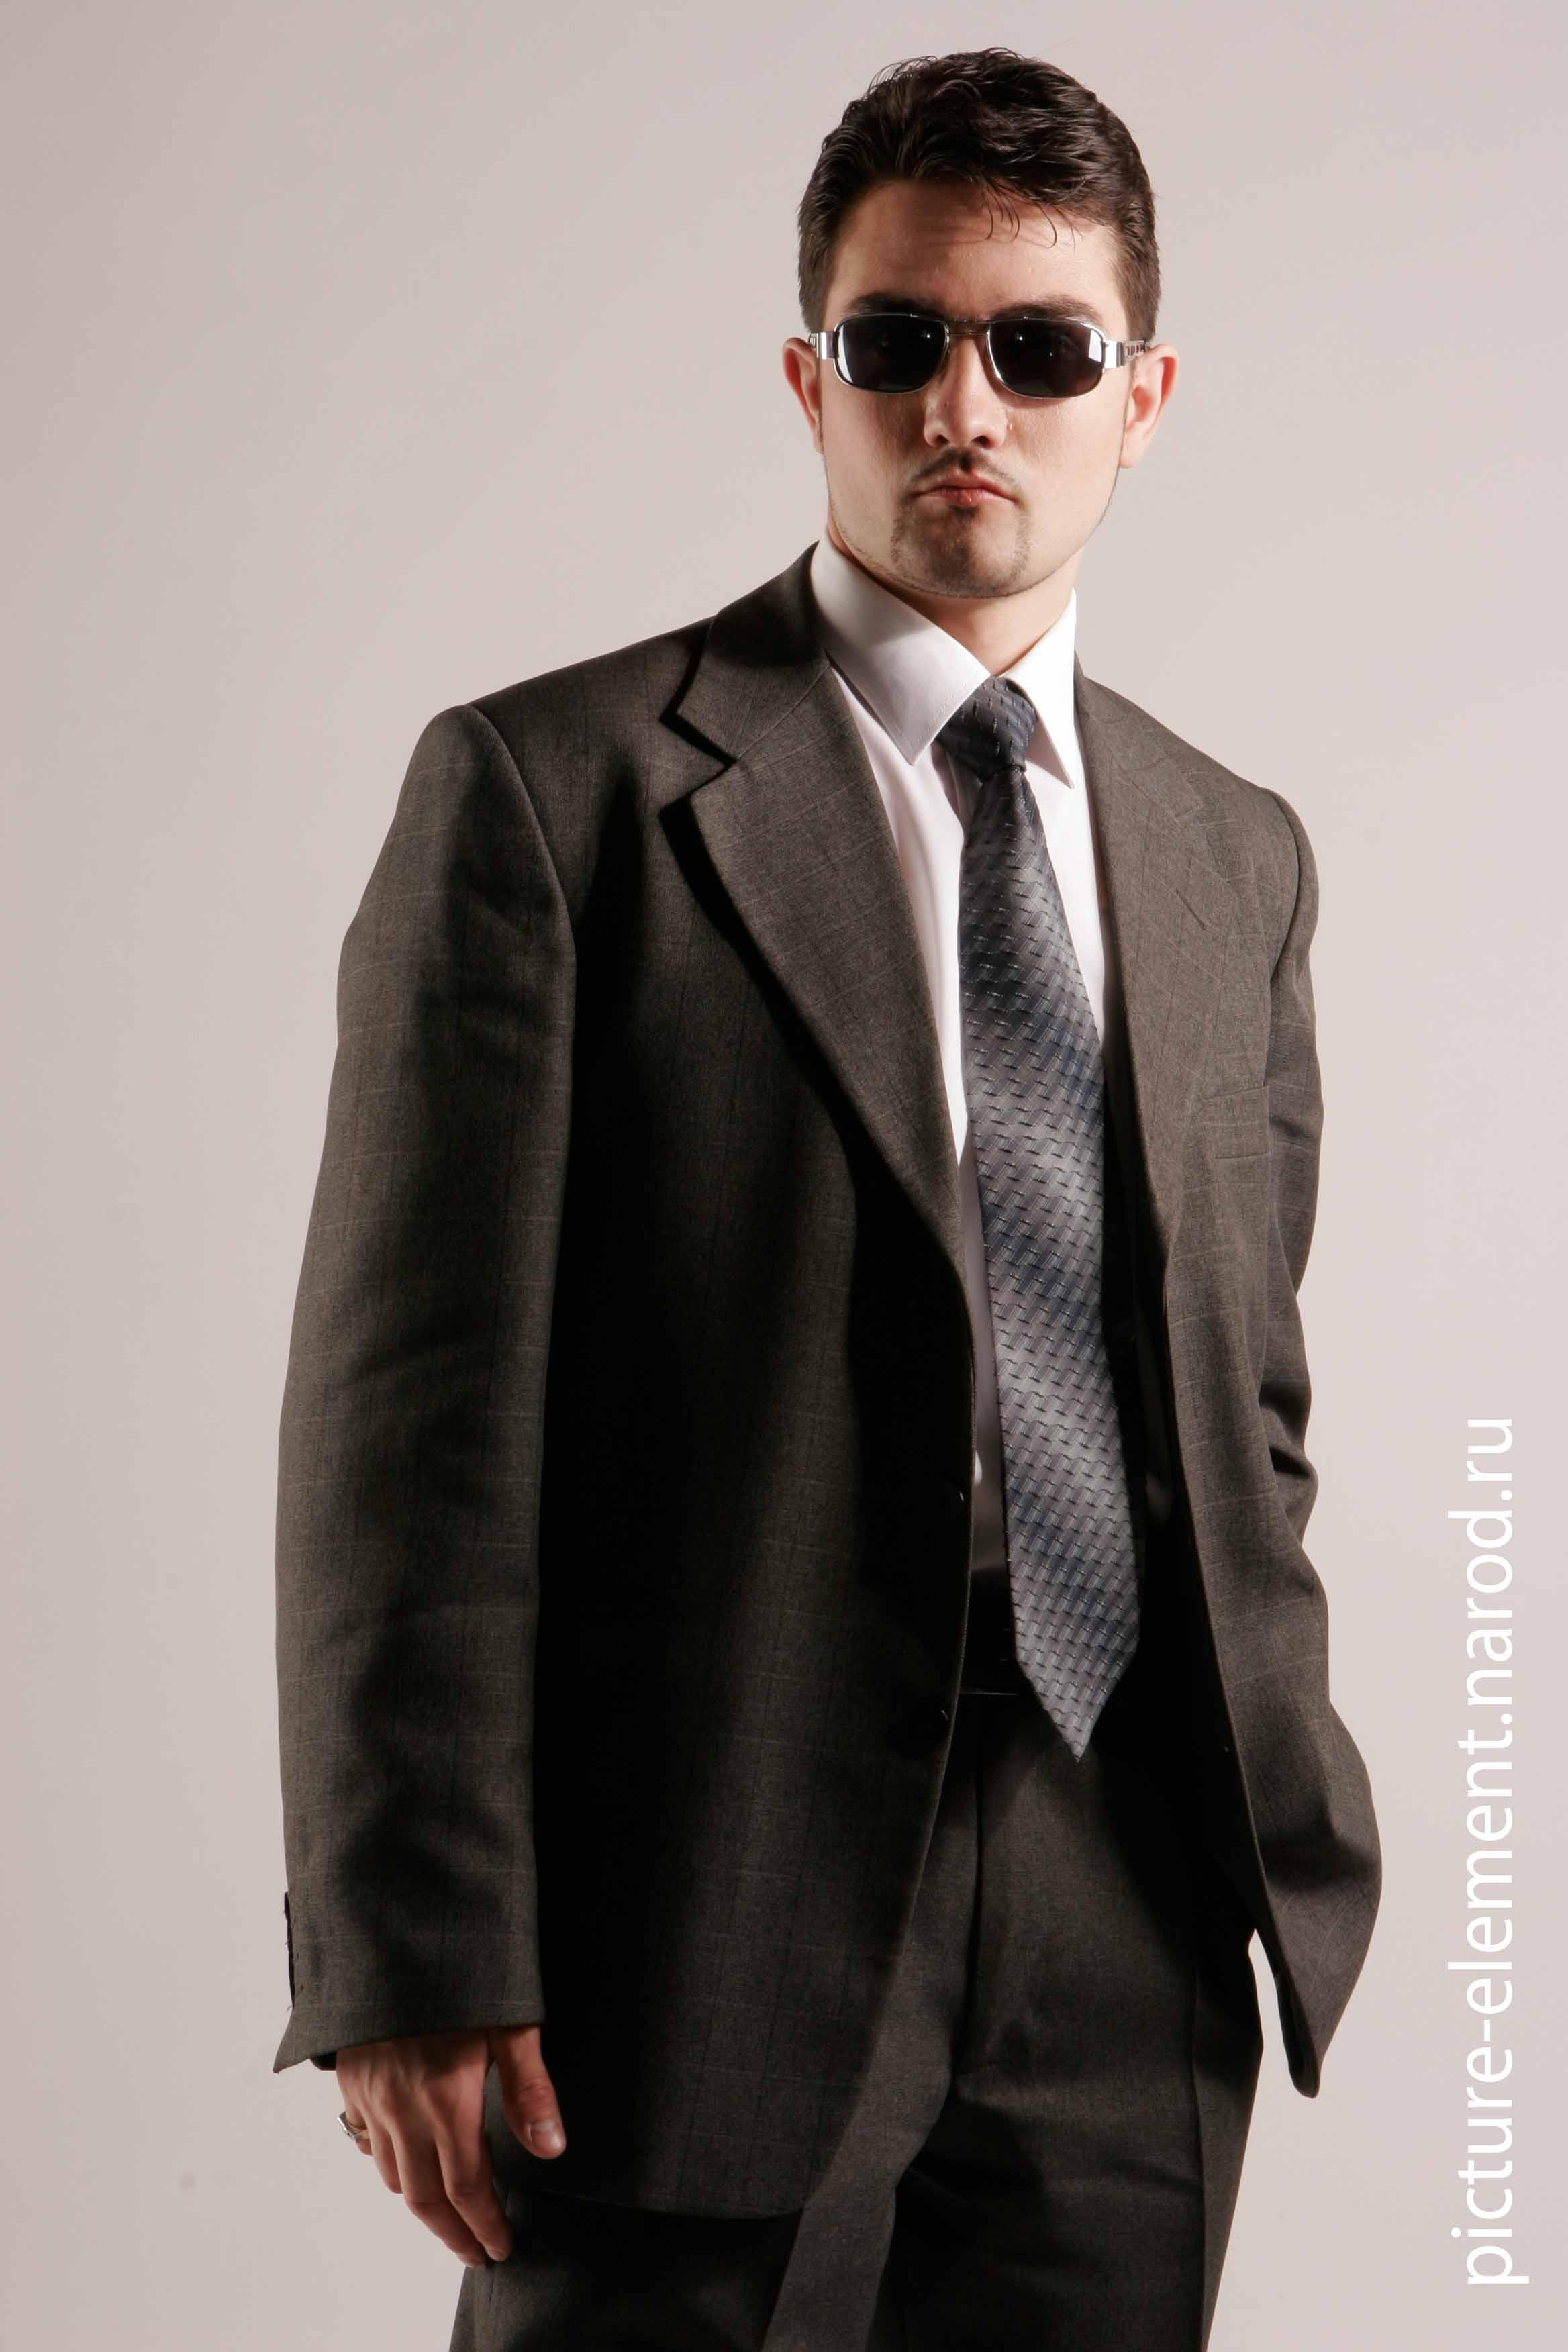 Фото парня в солнечных очках крупным планом 2 фотография